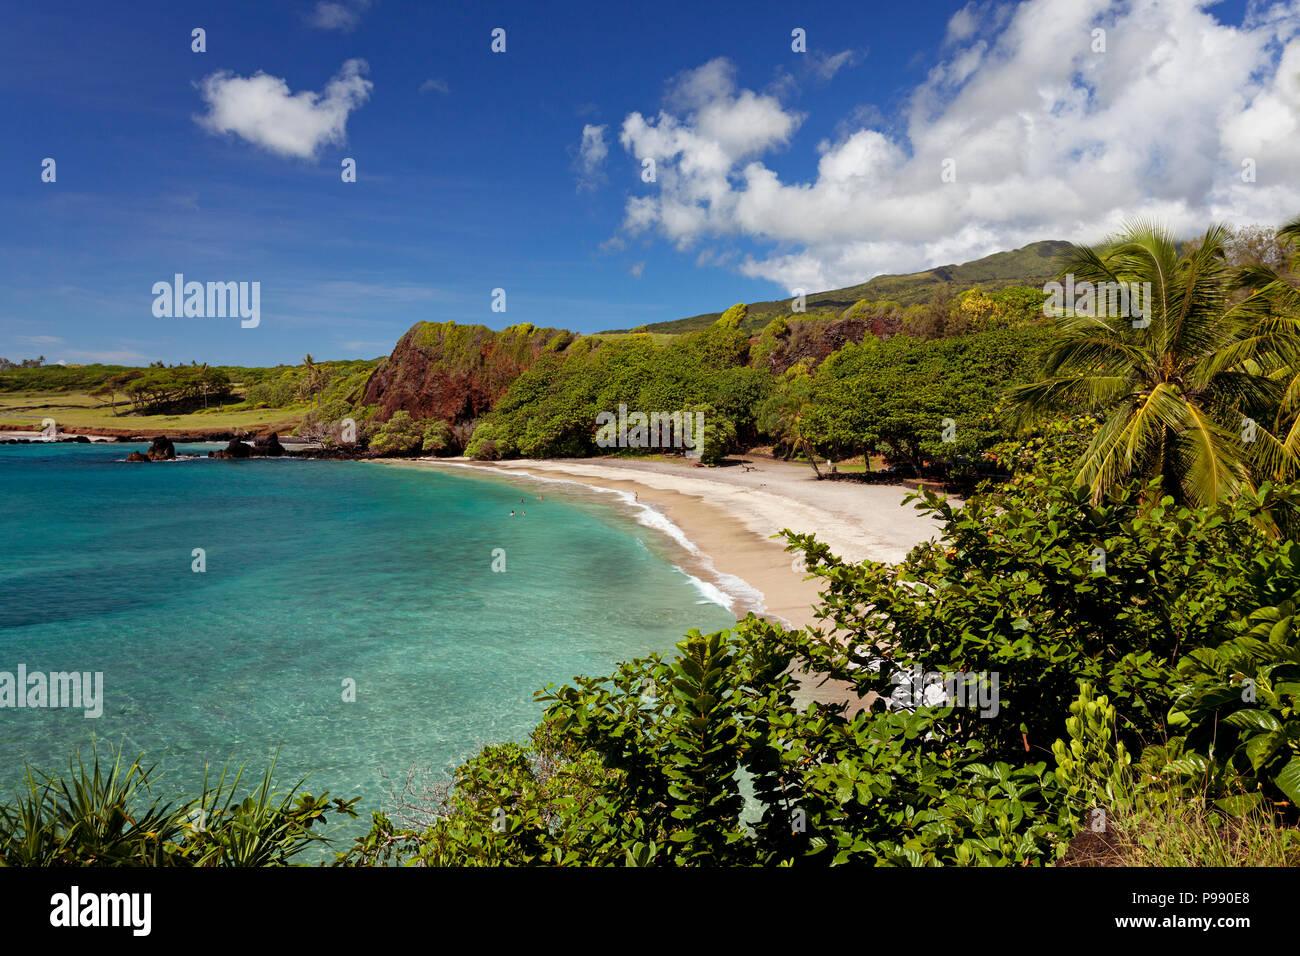 Hermoso día en Hamoa Beach, Hana, Maui. Hamoa es una de las mejores playas de Hana. Imagen De Stock